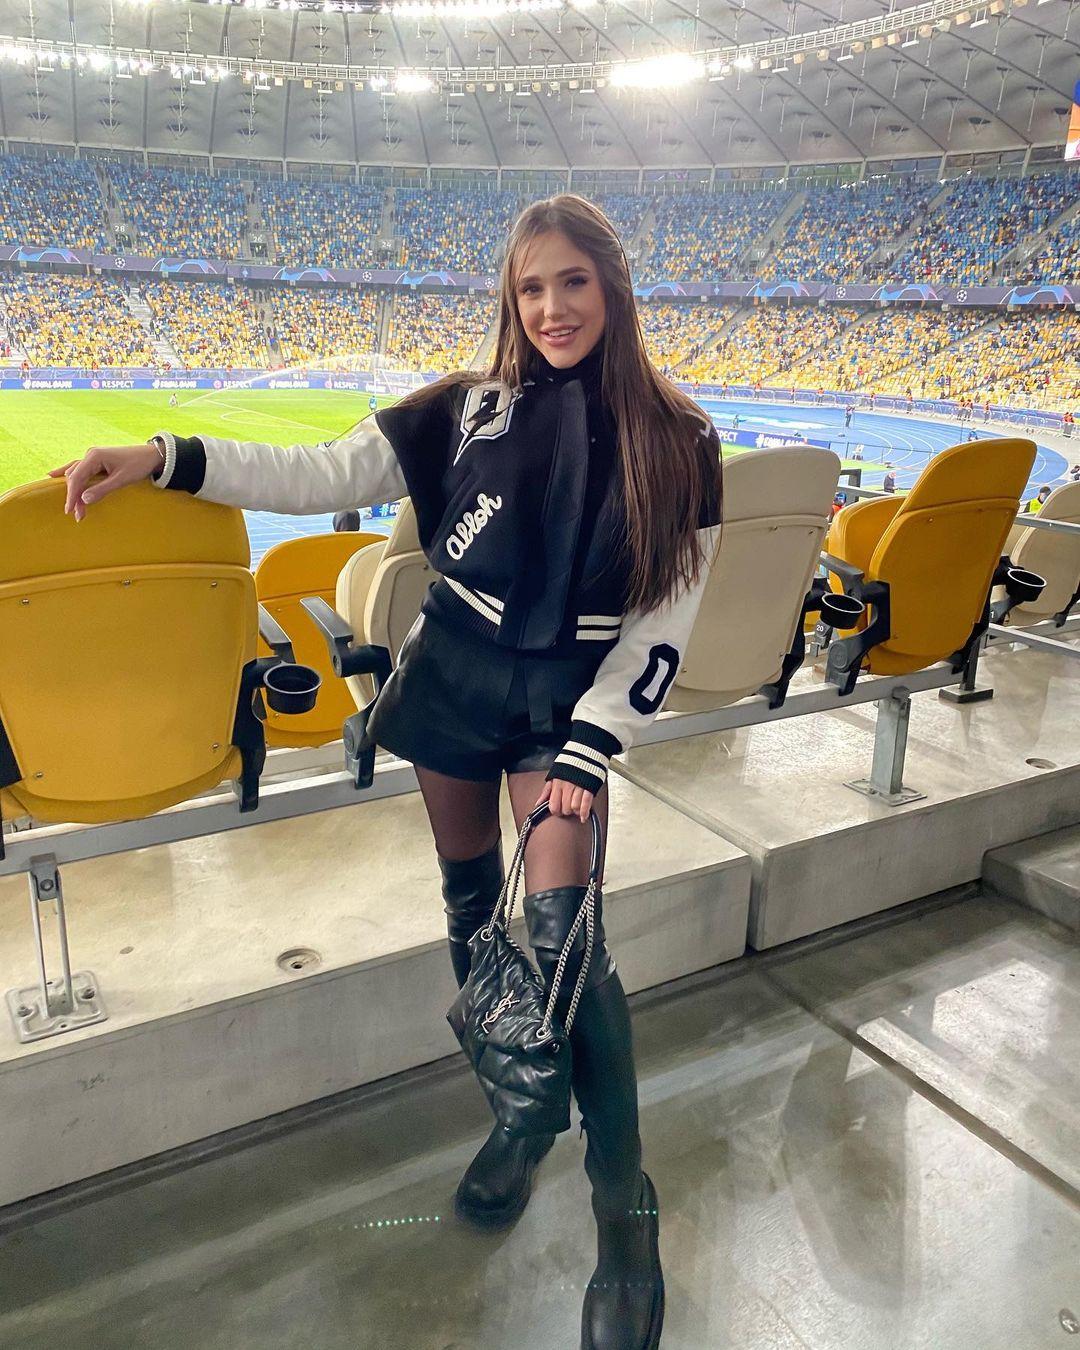 Победительница «Холостяка» продемонстрировала растяжку на стадионе